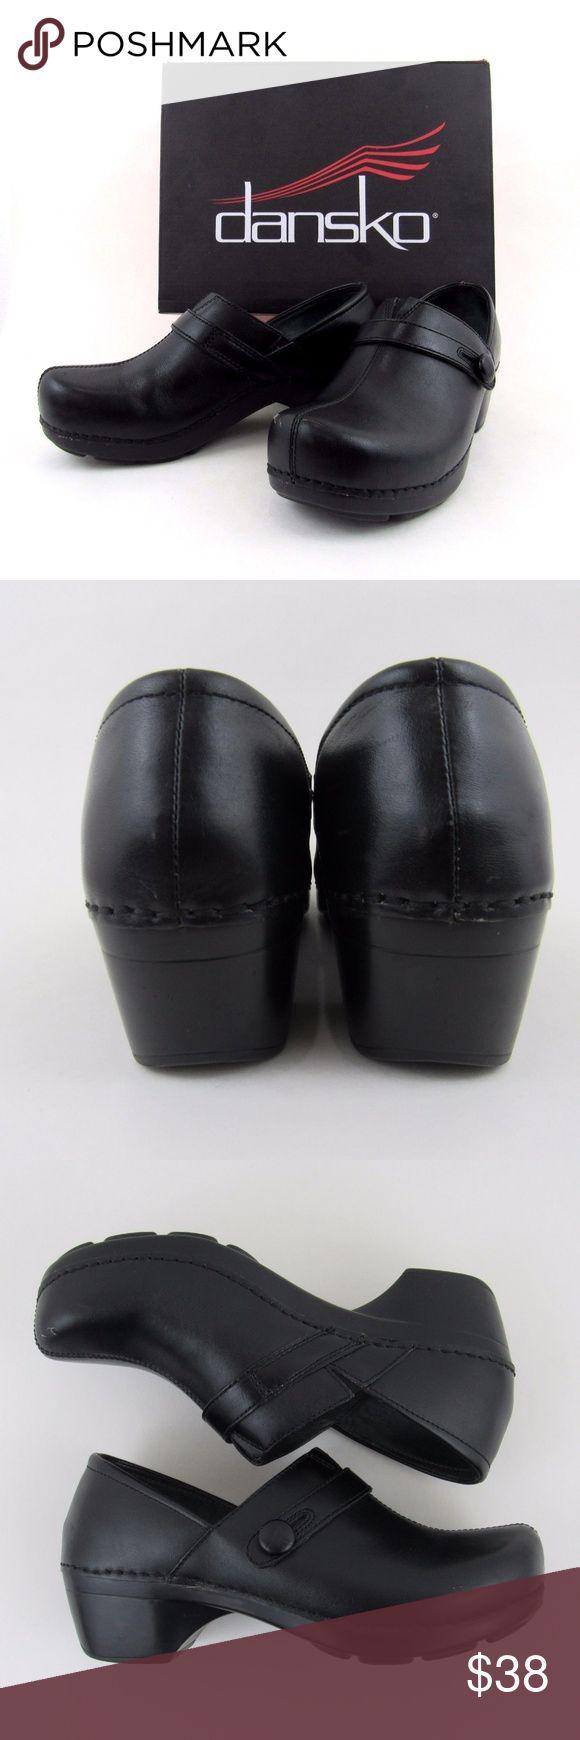 Dansko Womens Solstice Clog Black Full Grain Dansko Womens Solstice Clog - Black Full Grain Size EU 39 US 8.5 to 9 Brush Off Dansko Shoes Mules & Clogs